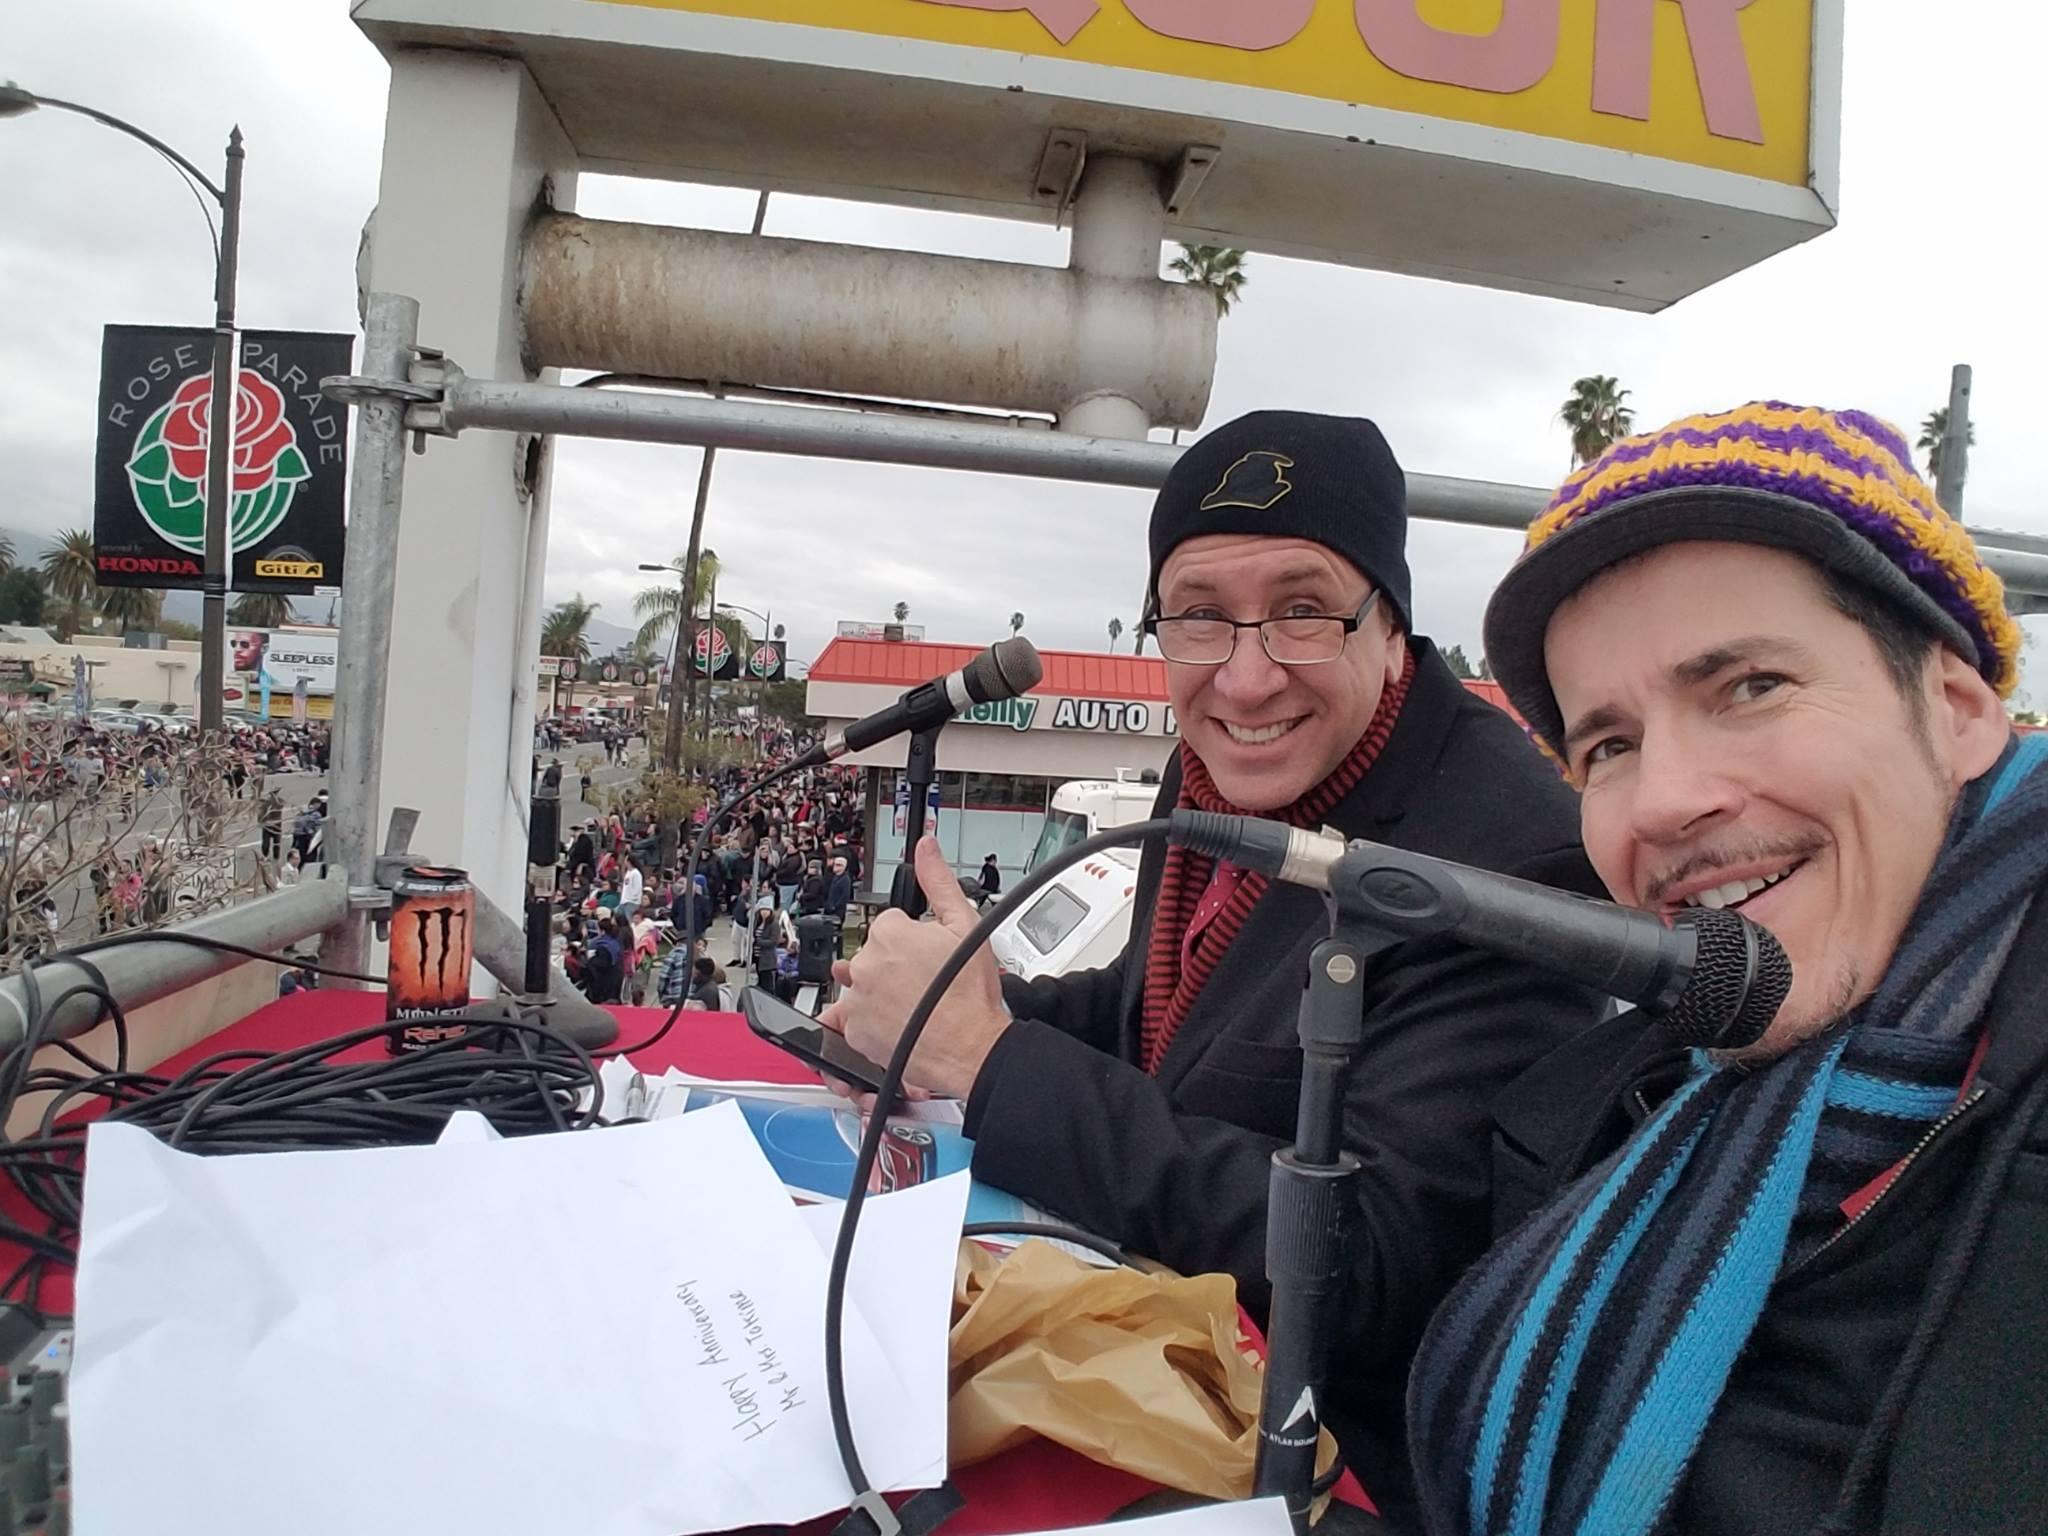 Bruce Gold and Robert Baxt